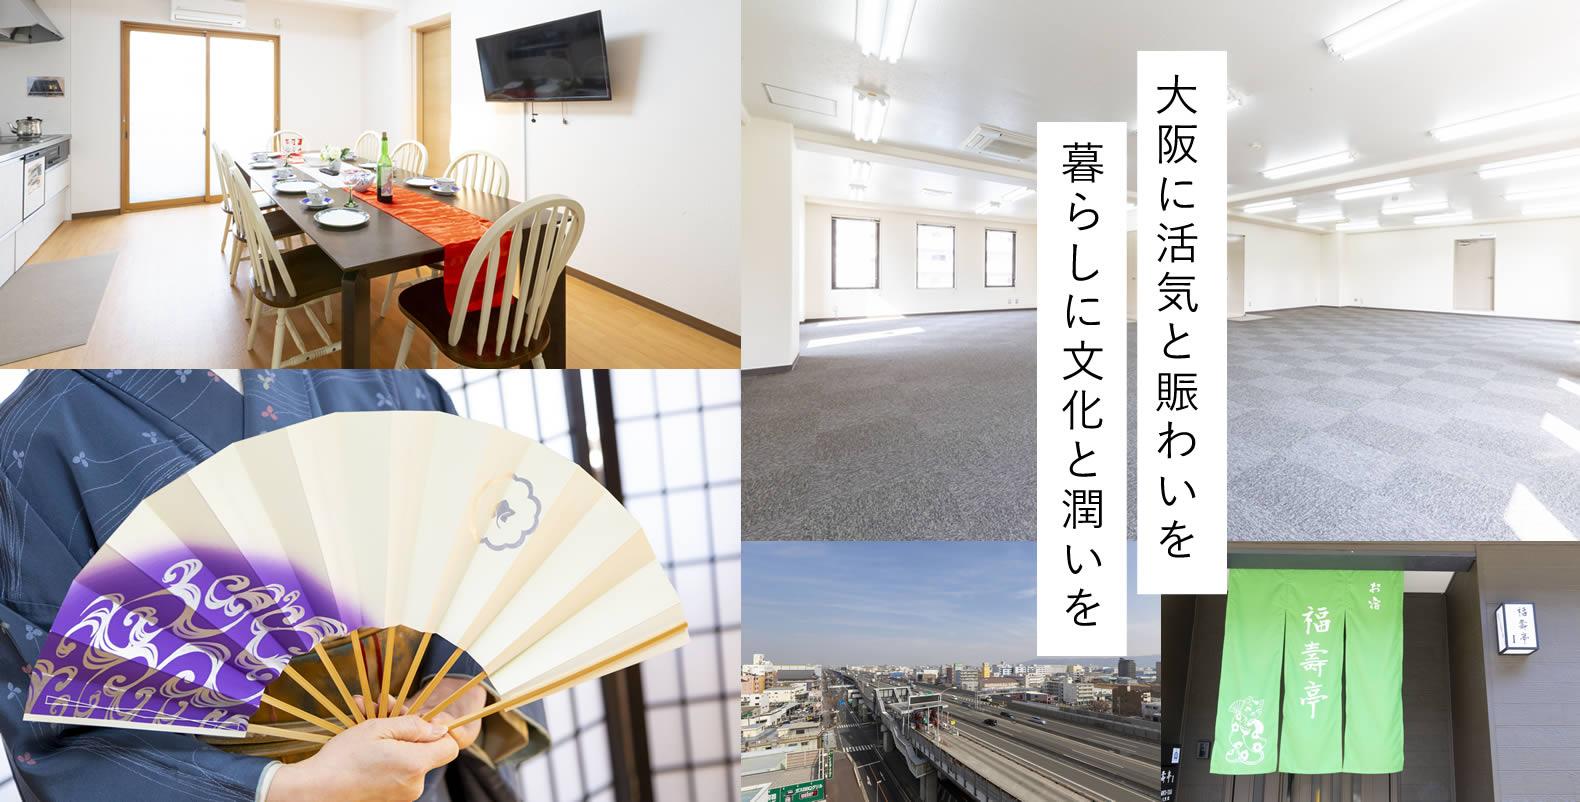 大阪に活気と賑わいを